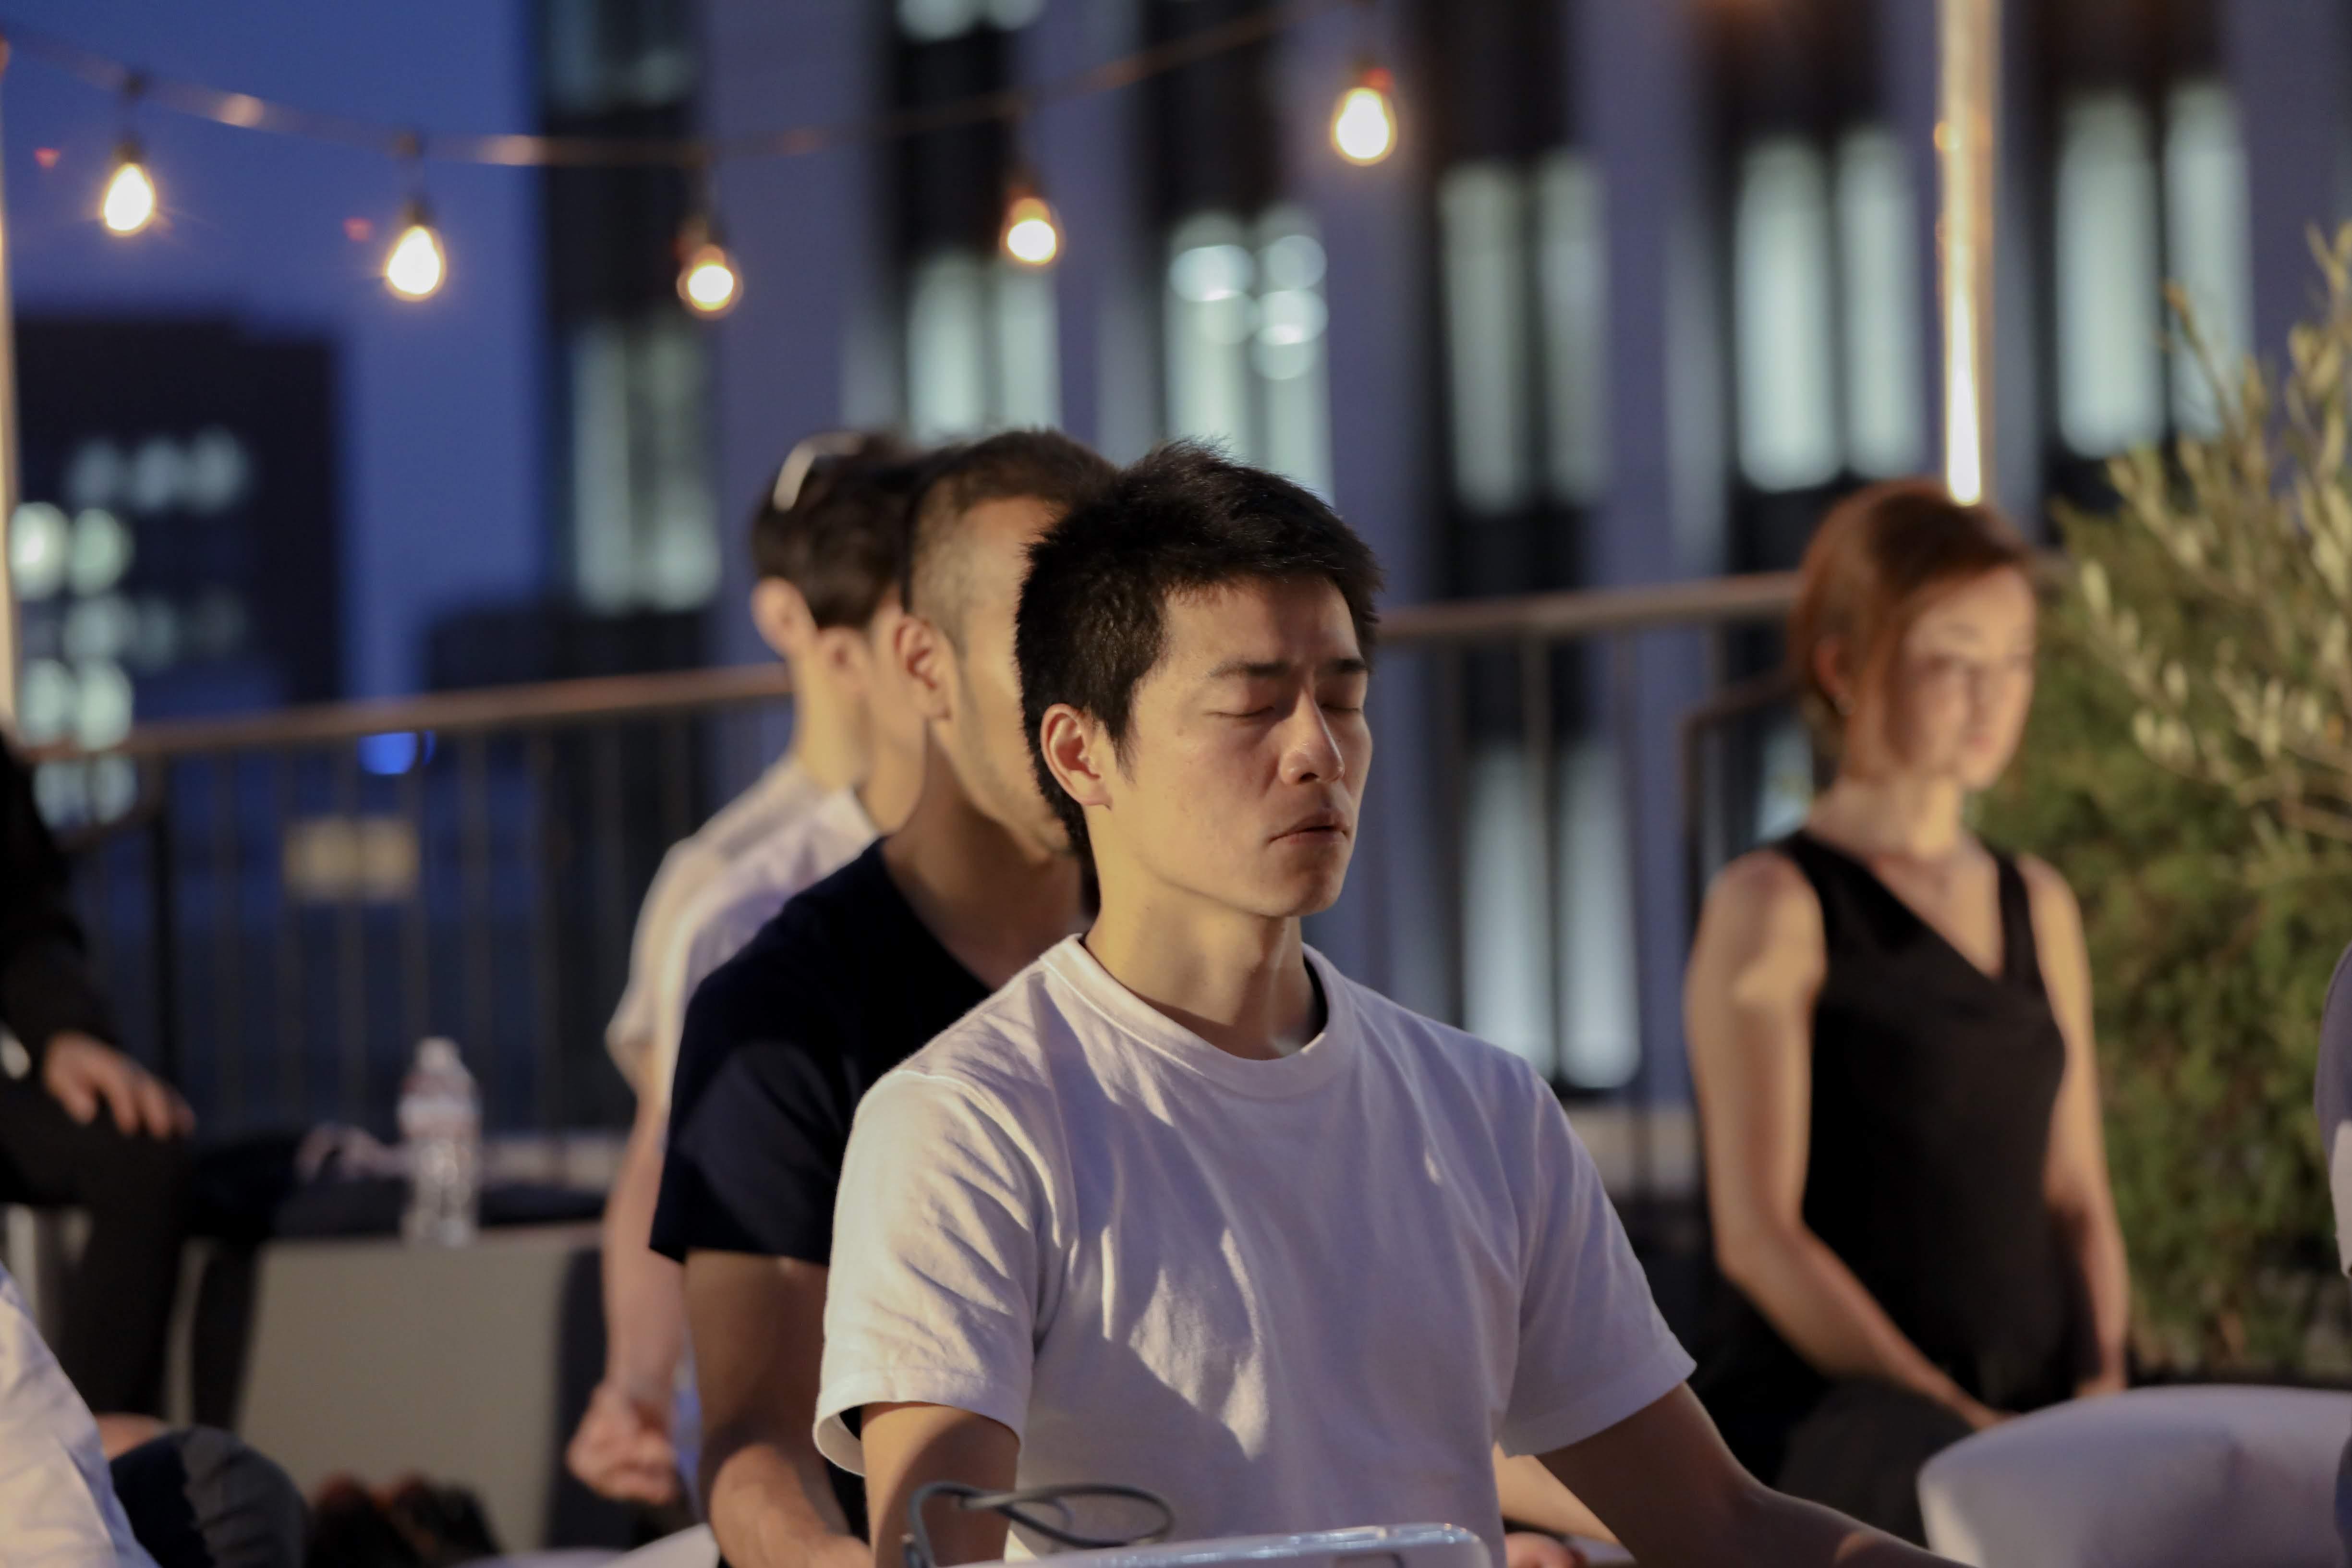 googleの研修にも取り入れられたマインドフルネス瞑想をする男性や女性